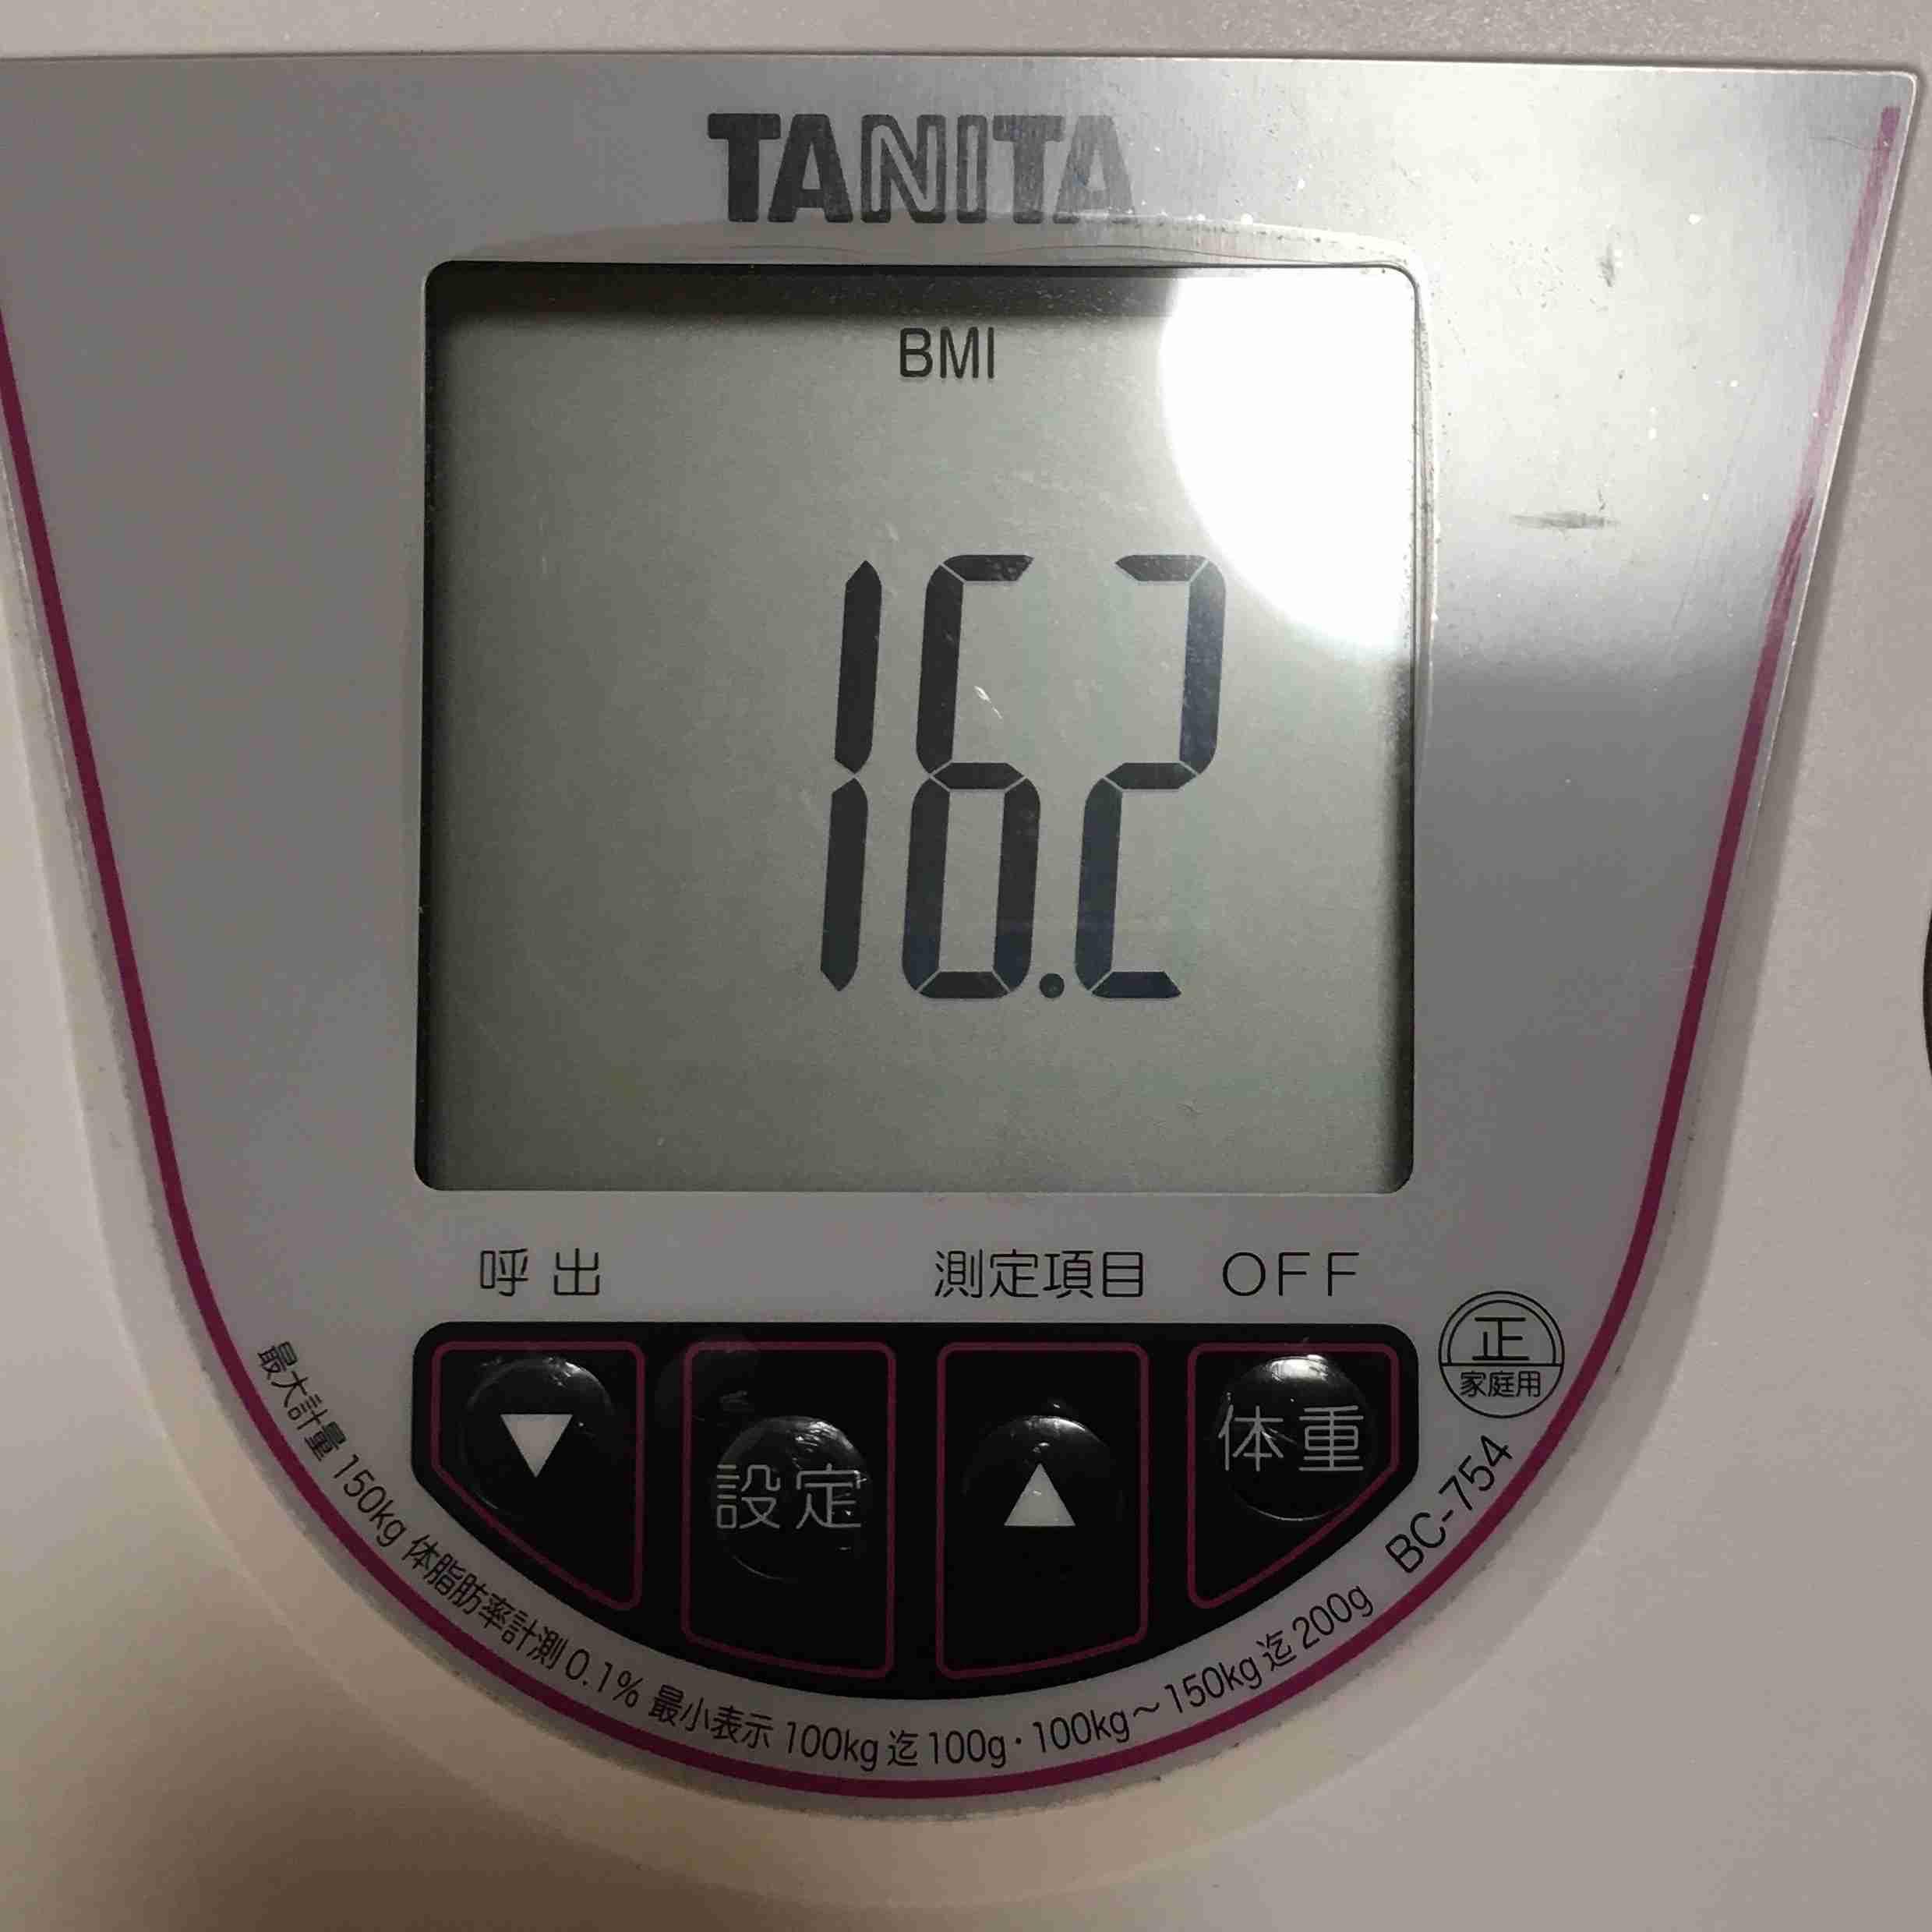 BMIはいつくですか?